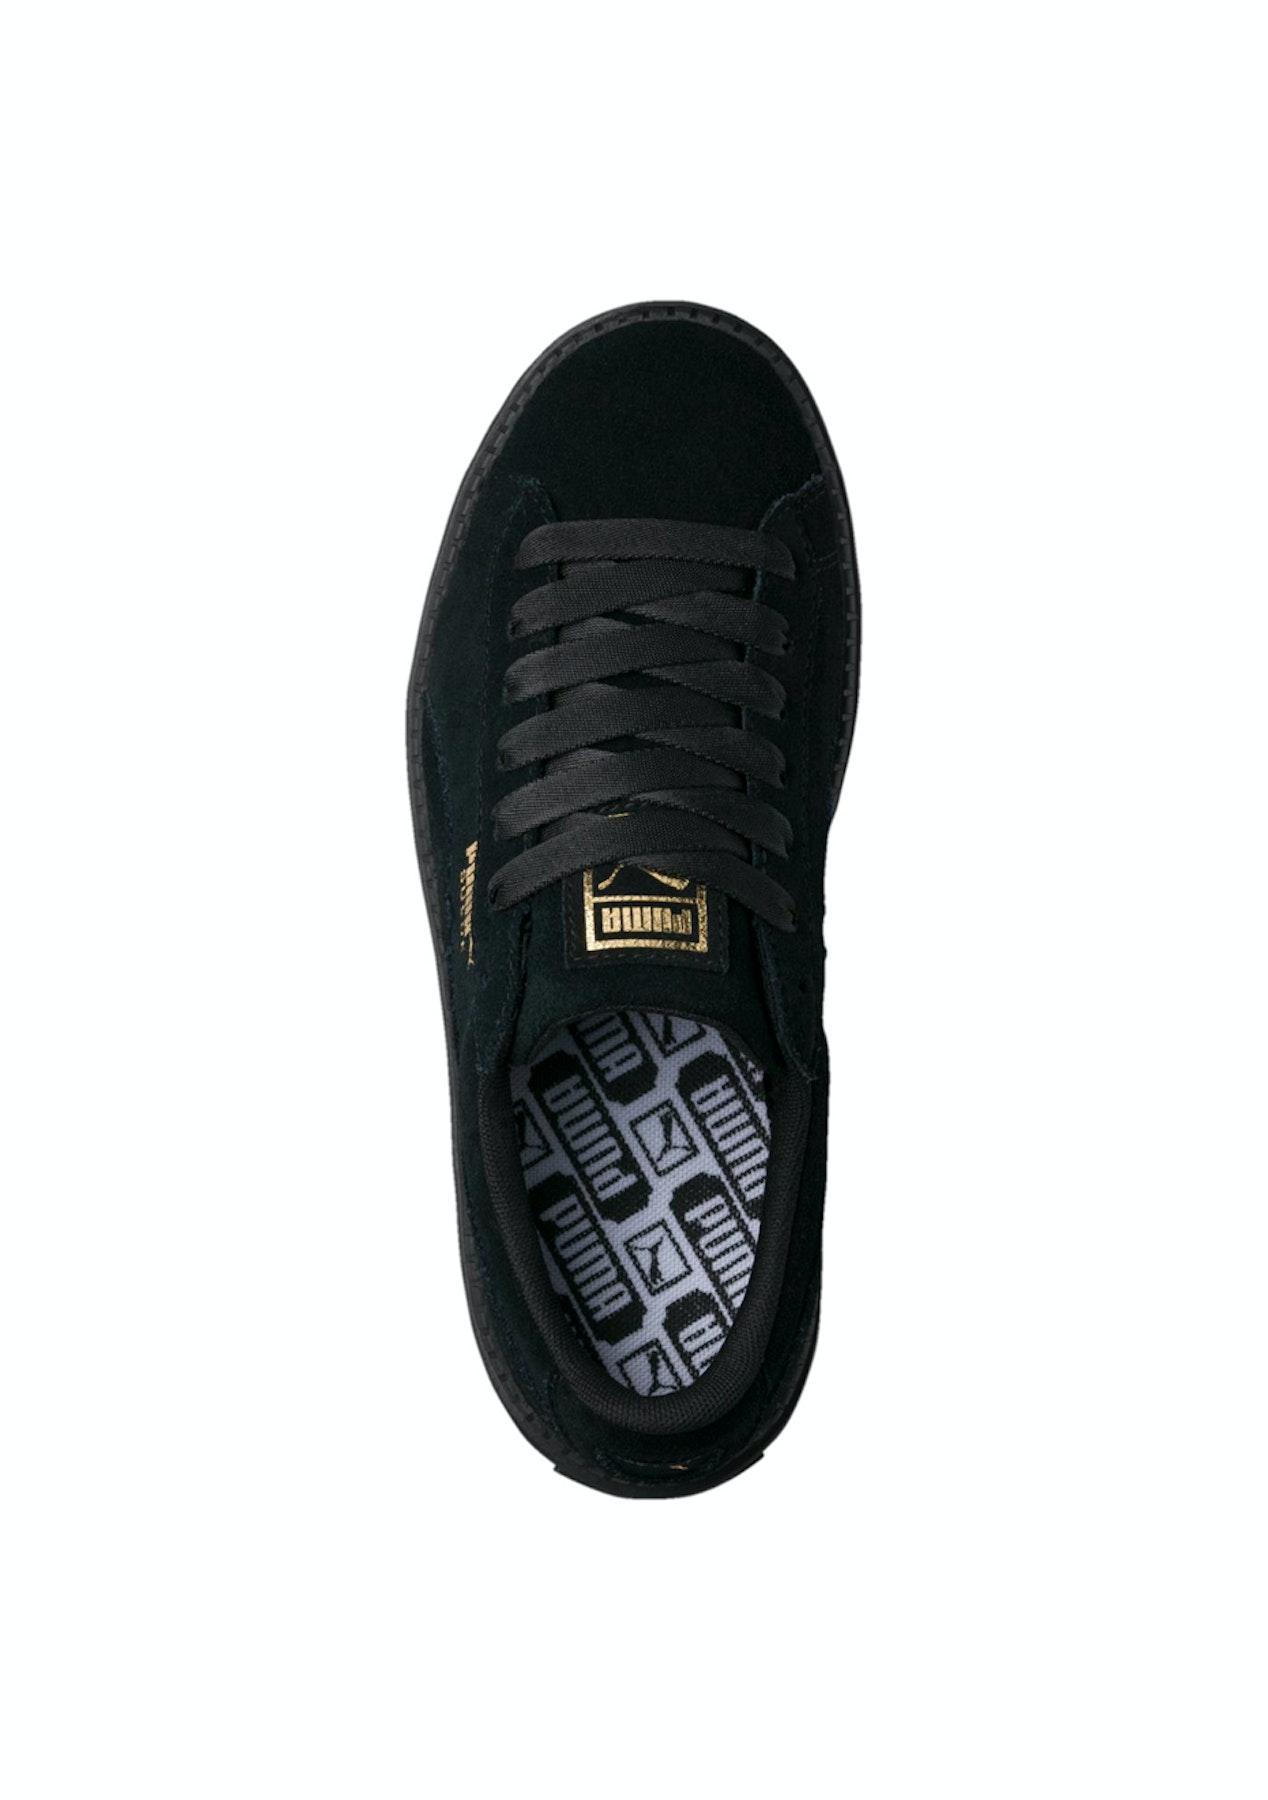 online retailer 42e5a 2488a Puma Womens - Suede Platform Trace - Black